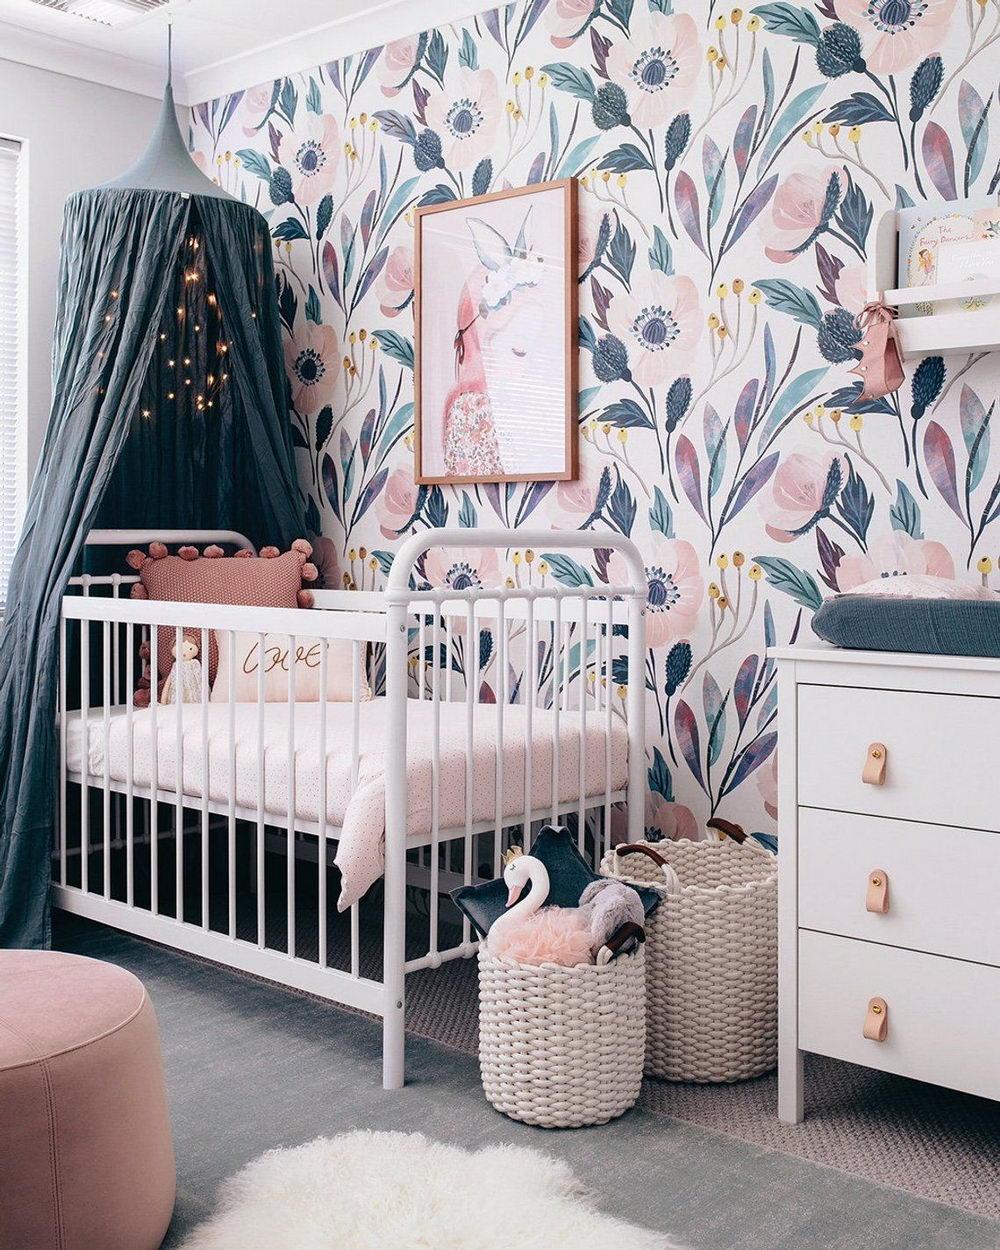 Дизайн интерьера детской комнаты фото 8